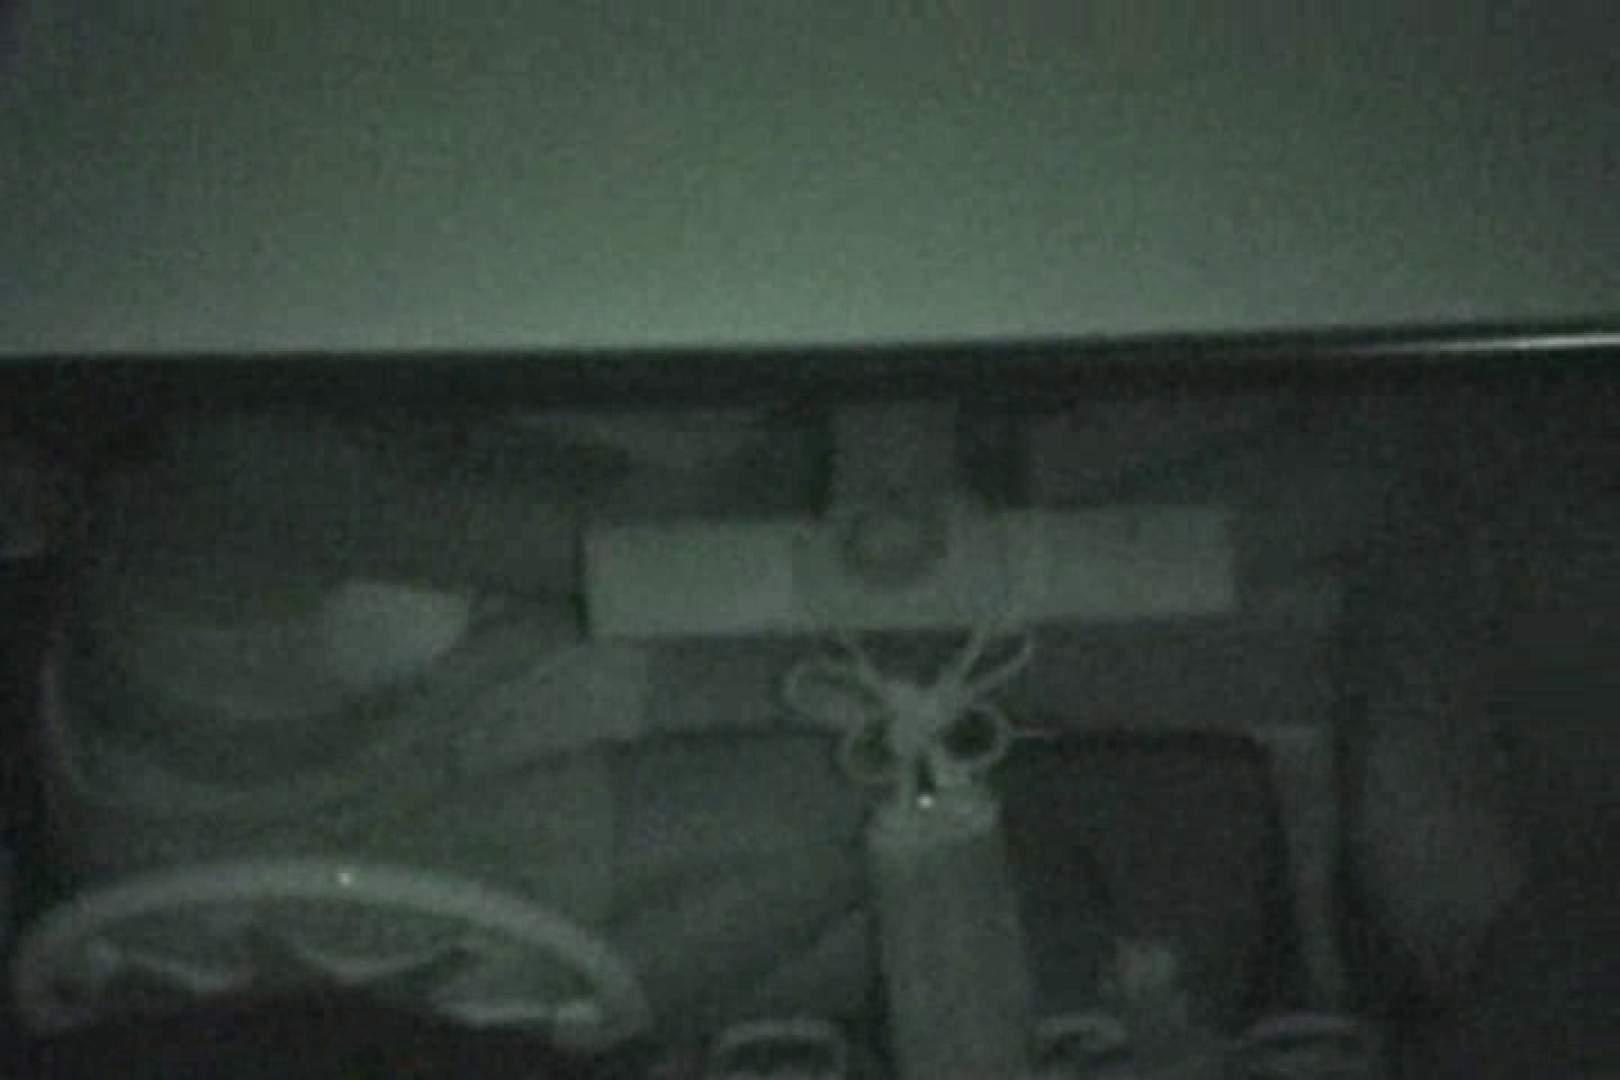 蔵出し!!赤外線カーセックスVol.24 OLセックス 盗撮エロ画像 93画像 74